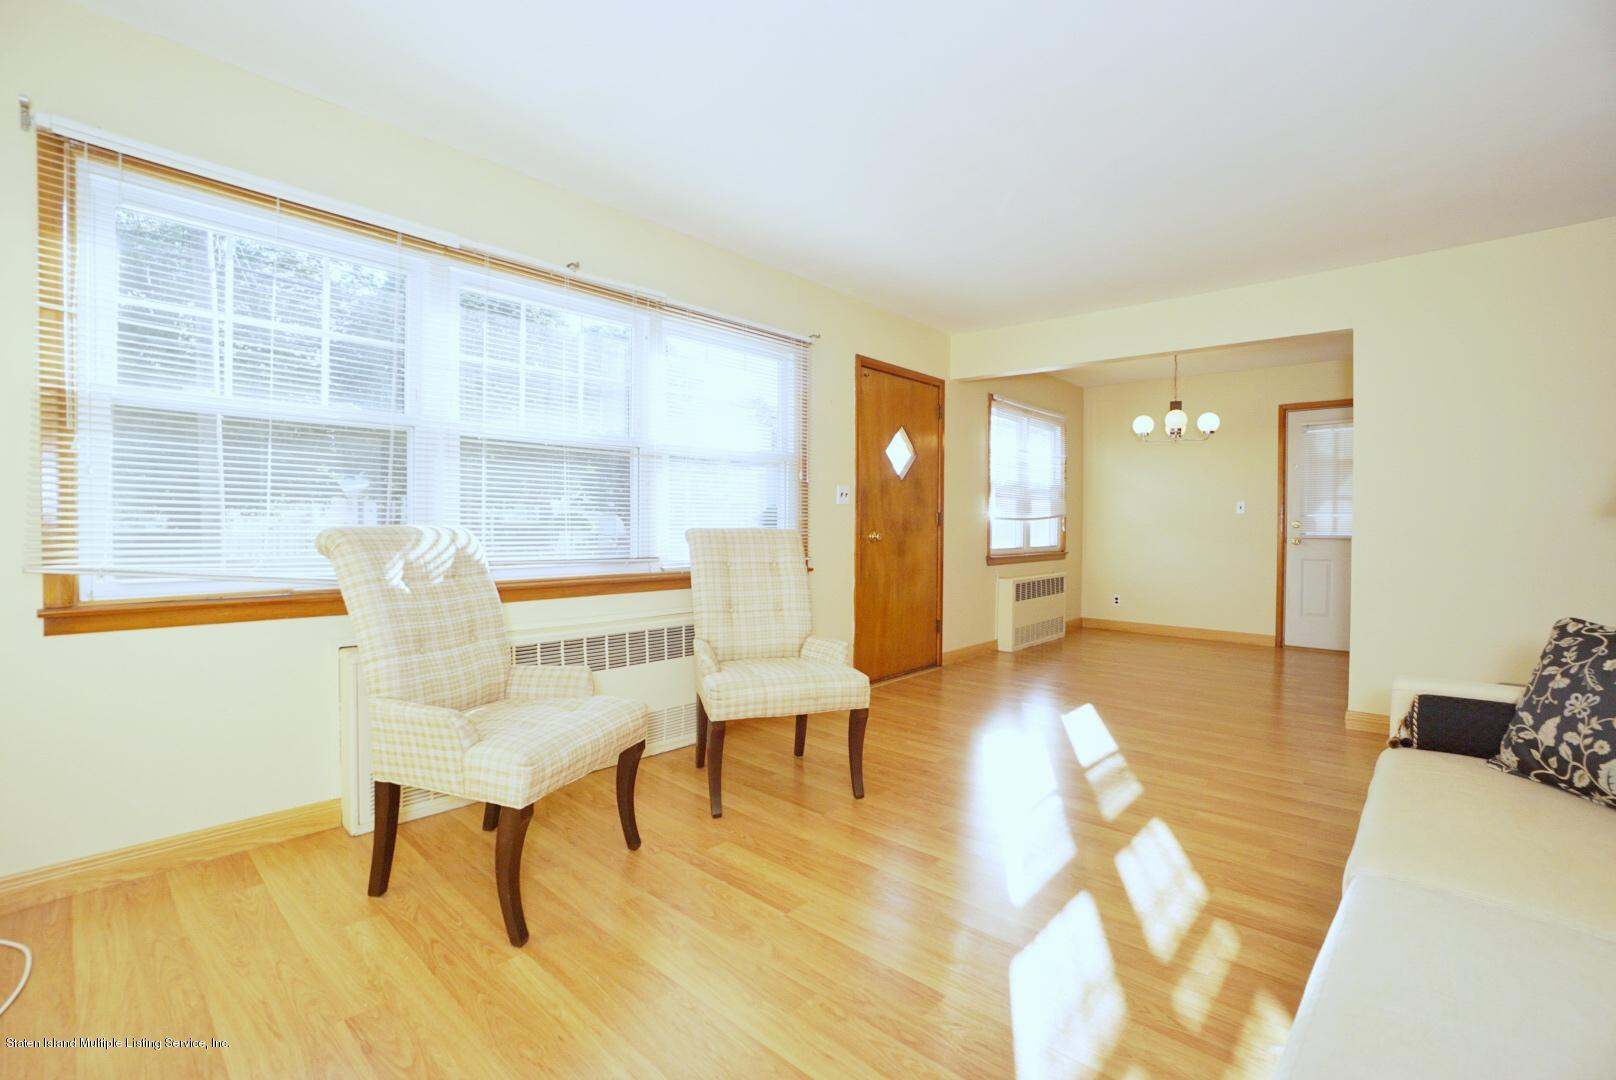 Single Family - Detached 215 Fairbanks Avenue  Staten Island, NY 10306, MLS-1138817-10